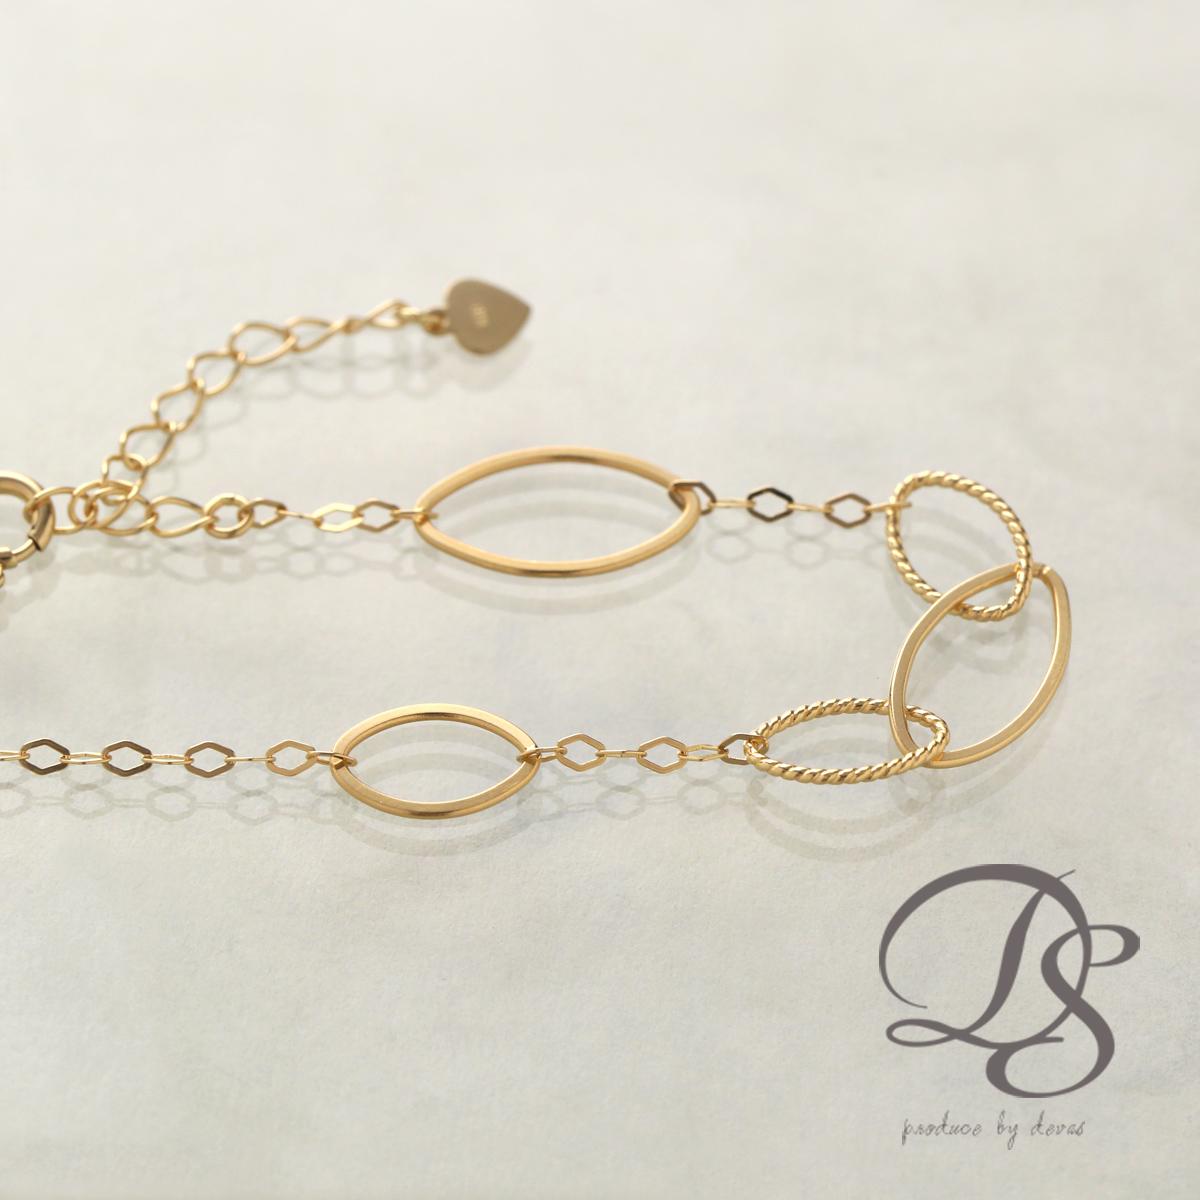 ゴールド ブレスレット レディース k18 18金大小のマーキス型 デザインチェーン ブレスレット  プレゼント DEVAS ディーヴァス